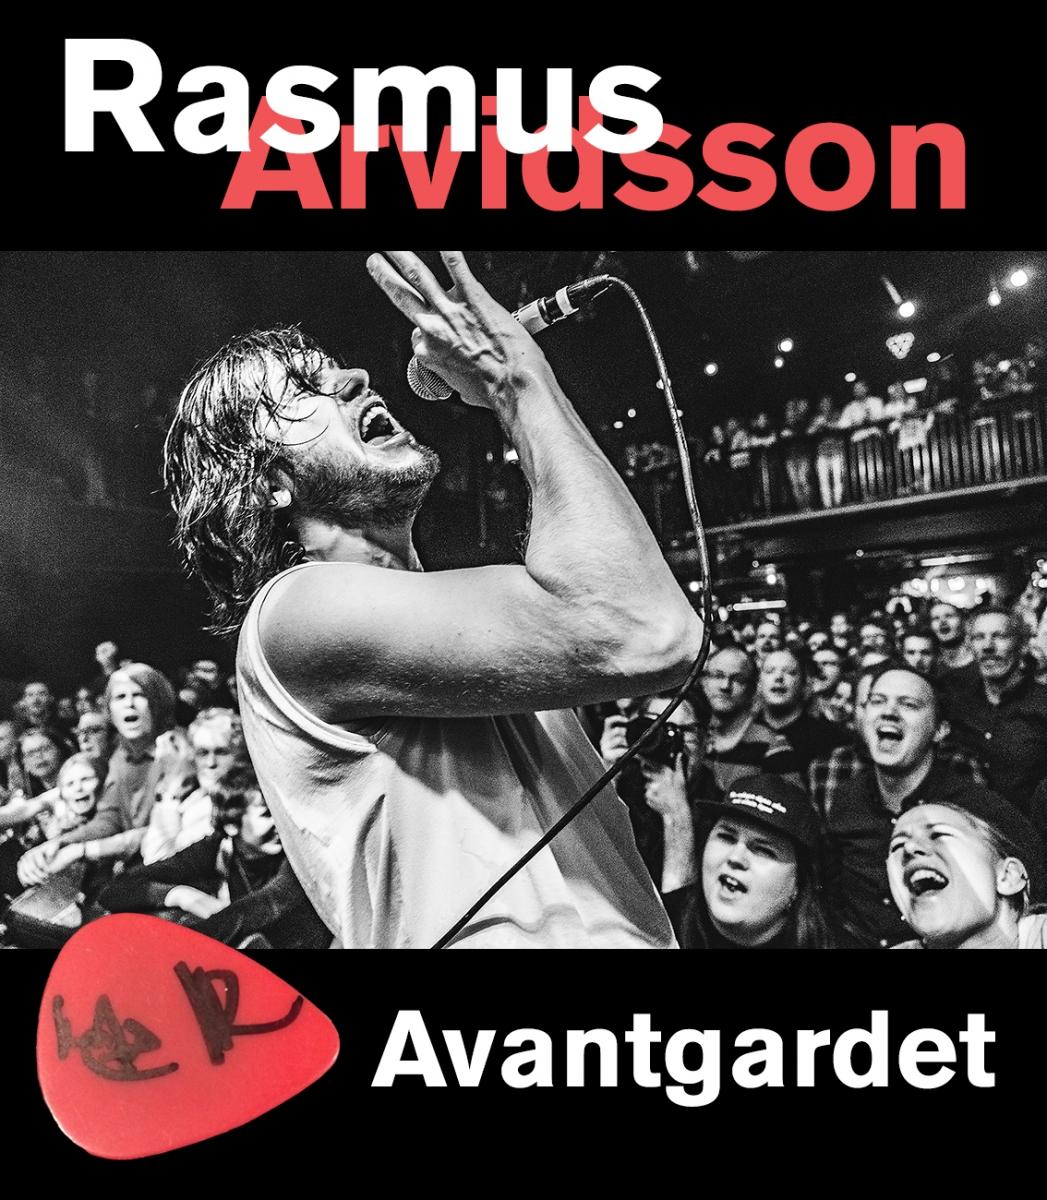 RasmusArvidsson